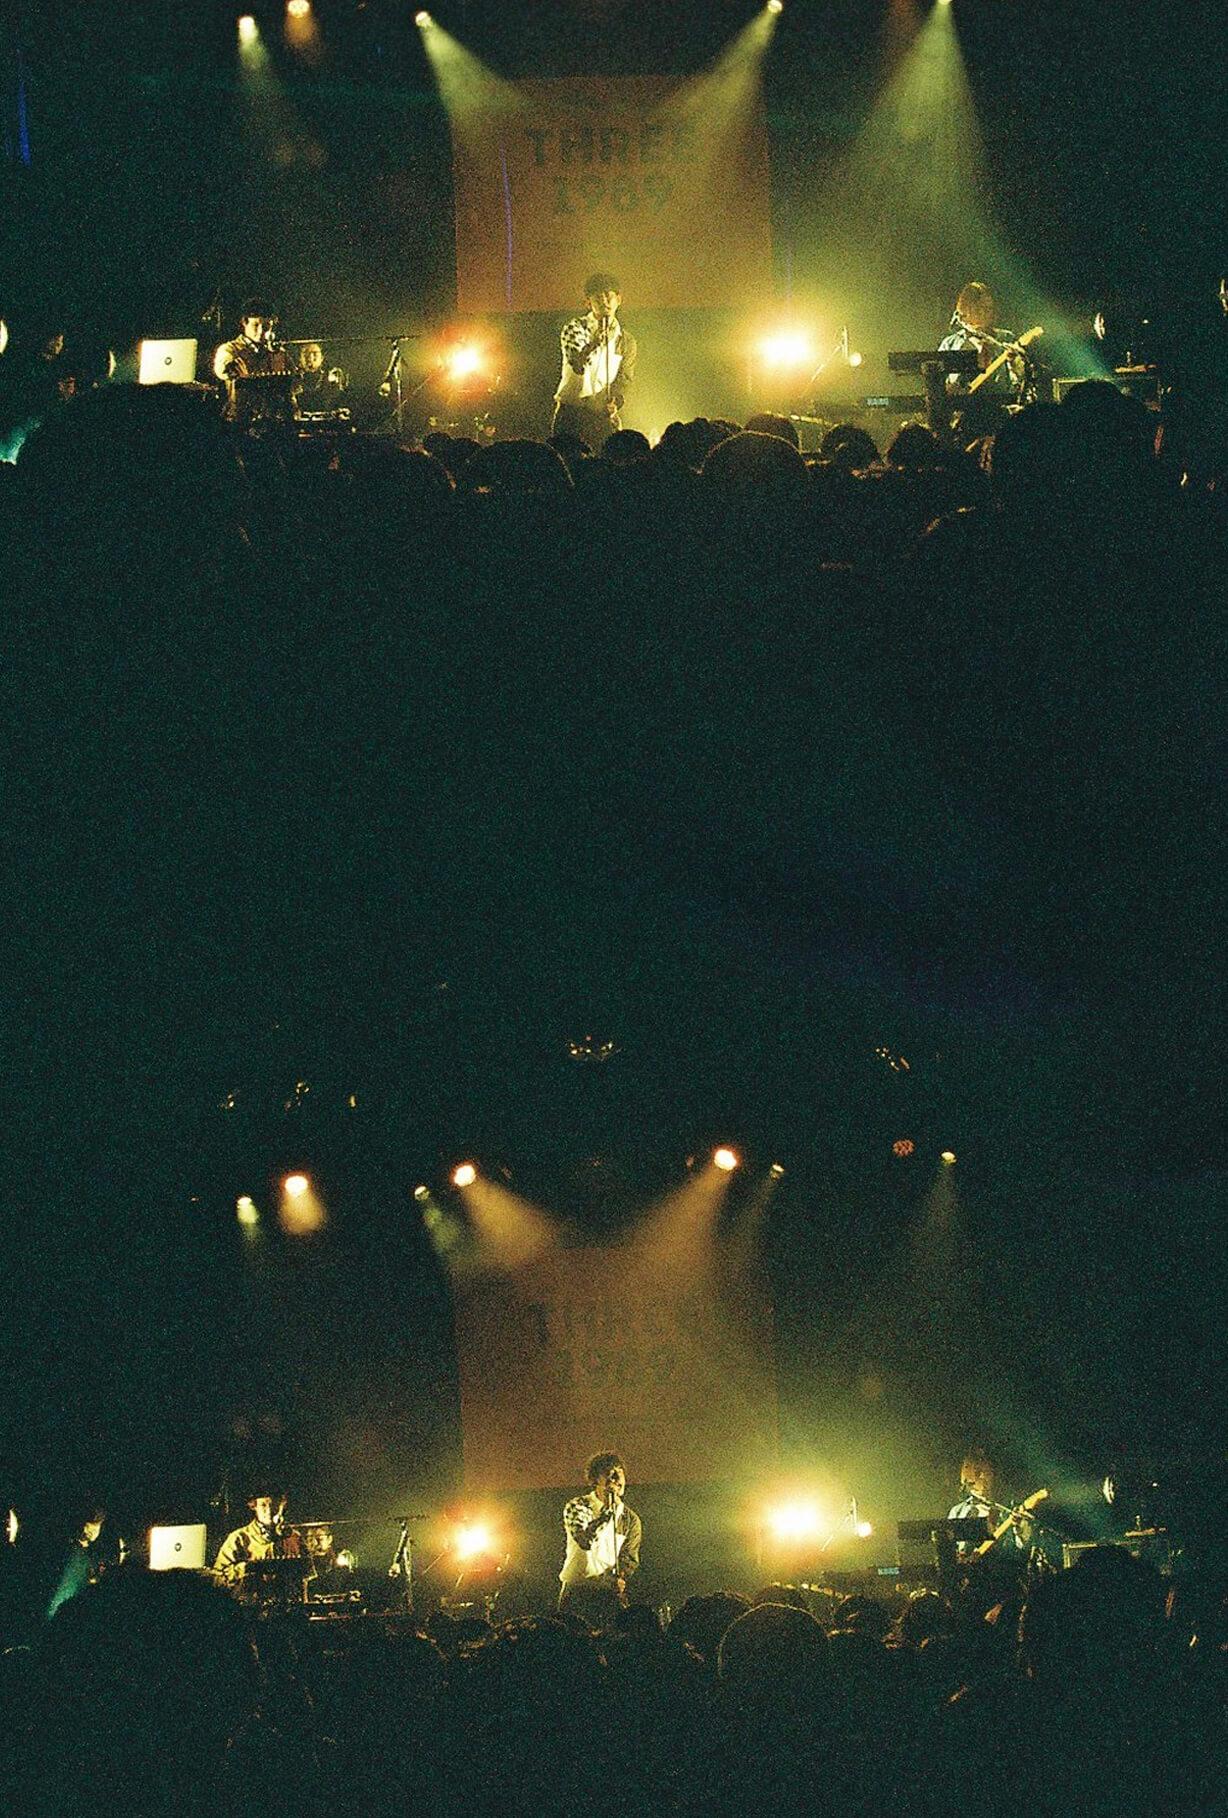 幕が上がる-shoheyが観たワンマンライブレポート- column190218-three1989-4